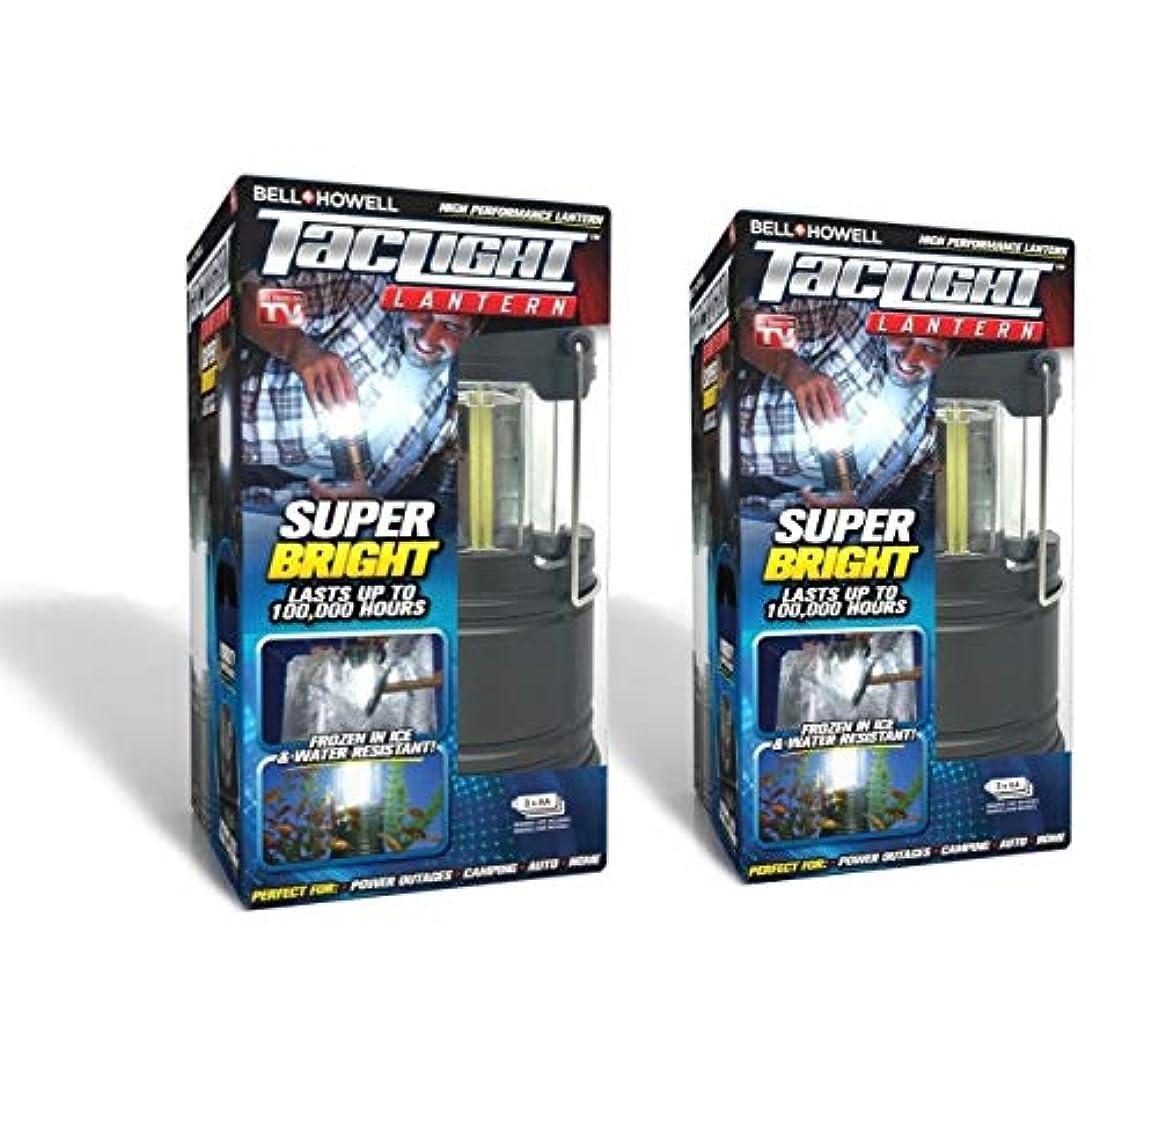 保険をかける教珍味Bell + Howell Taclight Lantern COB LED, Collapsible As Seen On TV (Pack of 2) [並行輸入品]